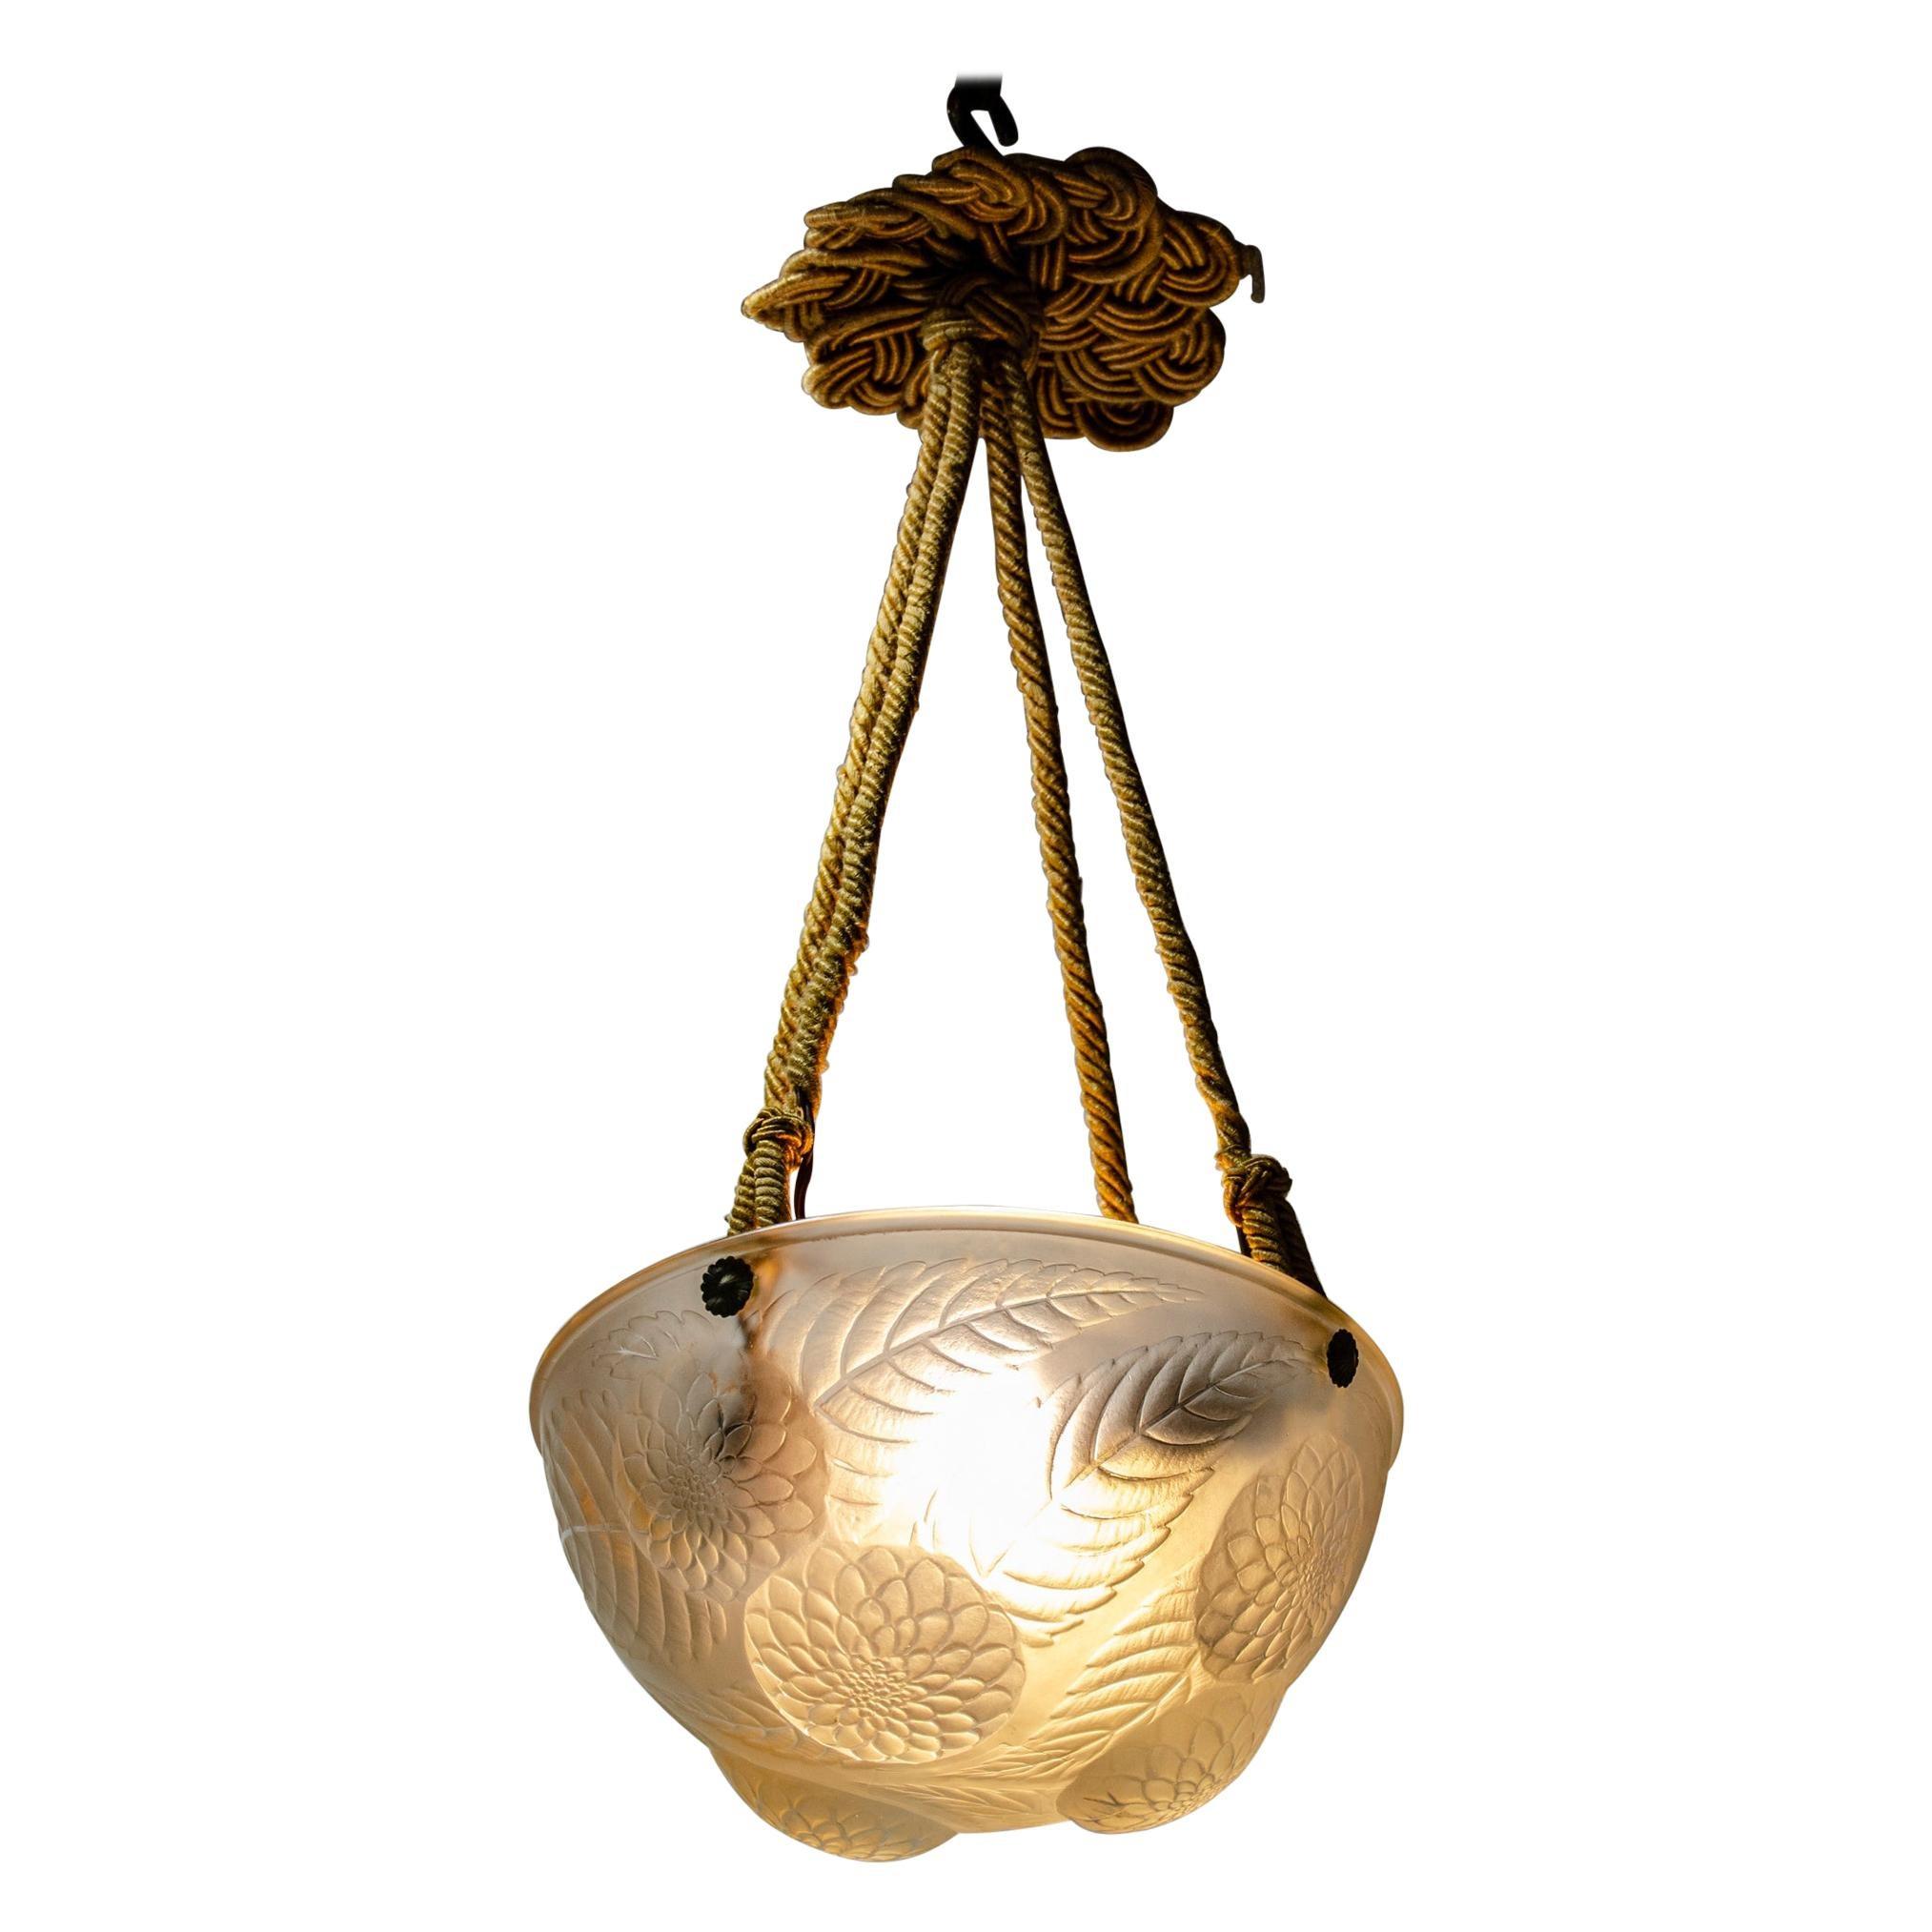 Lalique Ceiling Lamp Dalias Model